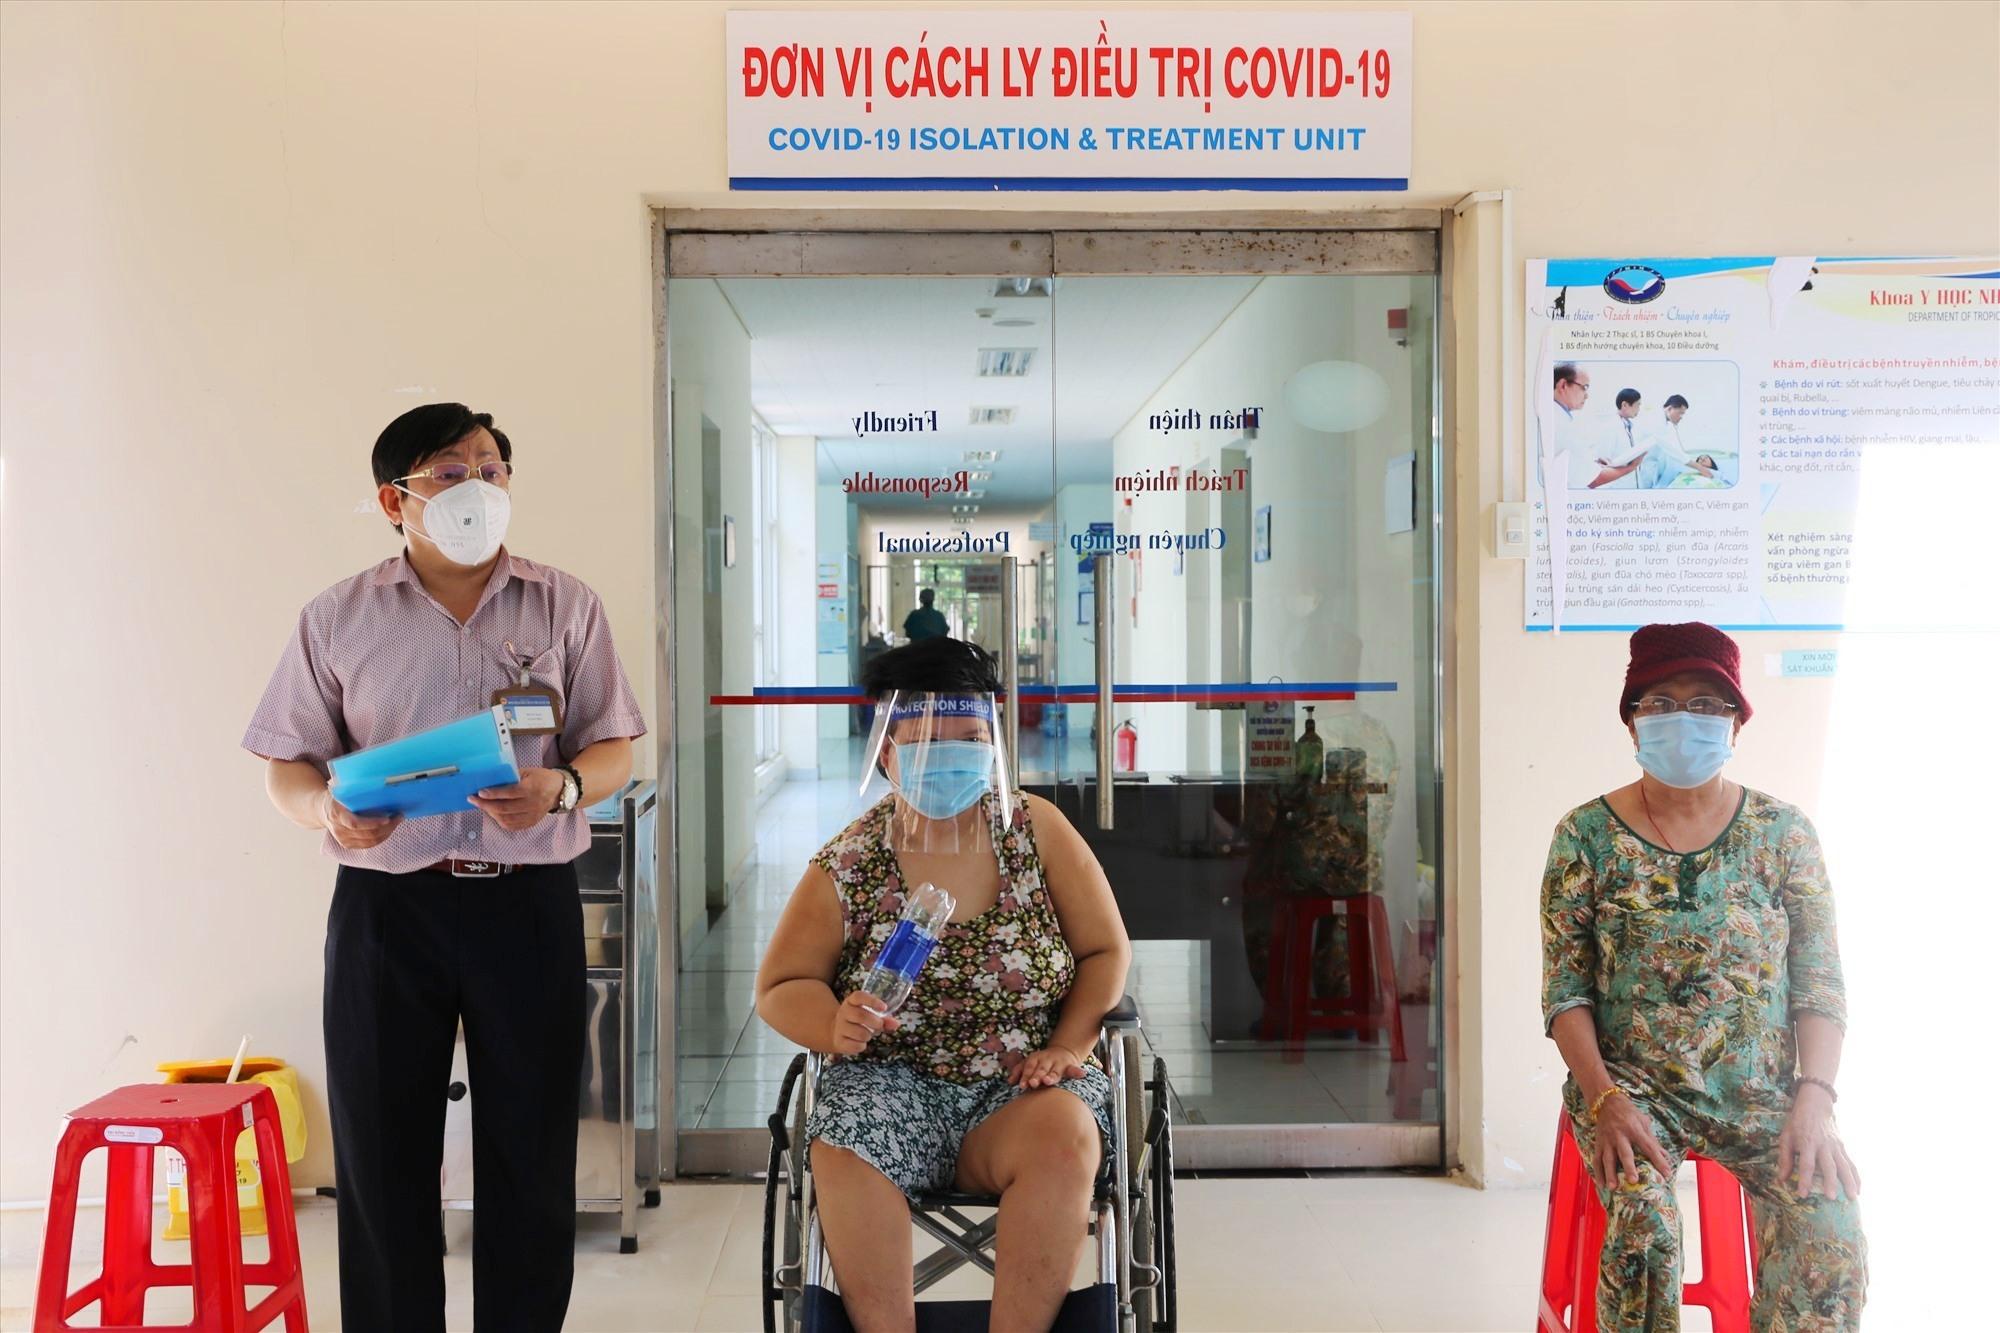 Giám đốc Bệnh viện Đa khoa Trung ương Quảng Nam Đinh Đạo trao giấy xuất viện cho các bệnh nhân. Ảnh: P. THẢO